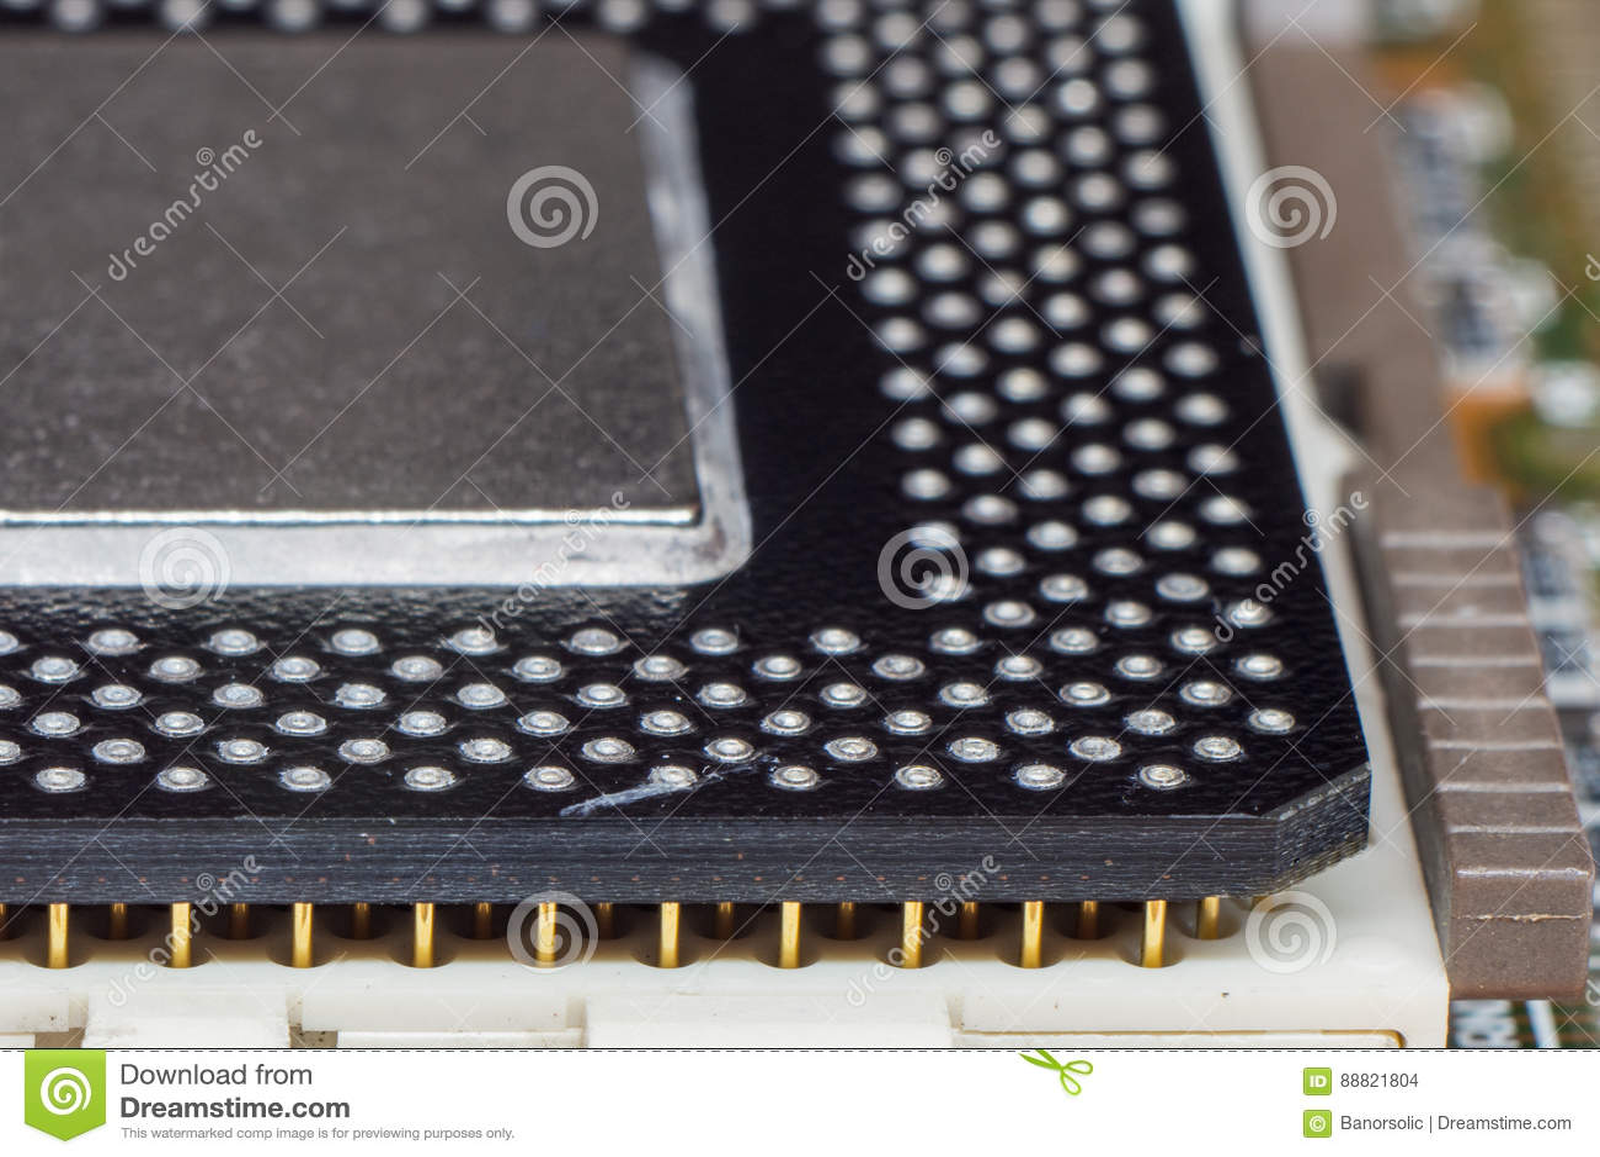 Cpu-CPUmicrochip in contactdoos wordt geïnstalleerd die